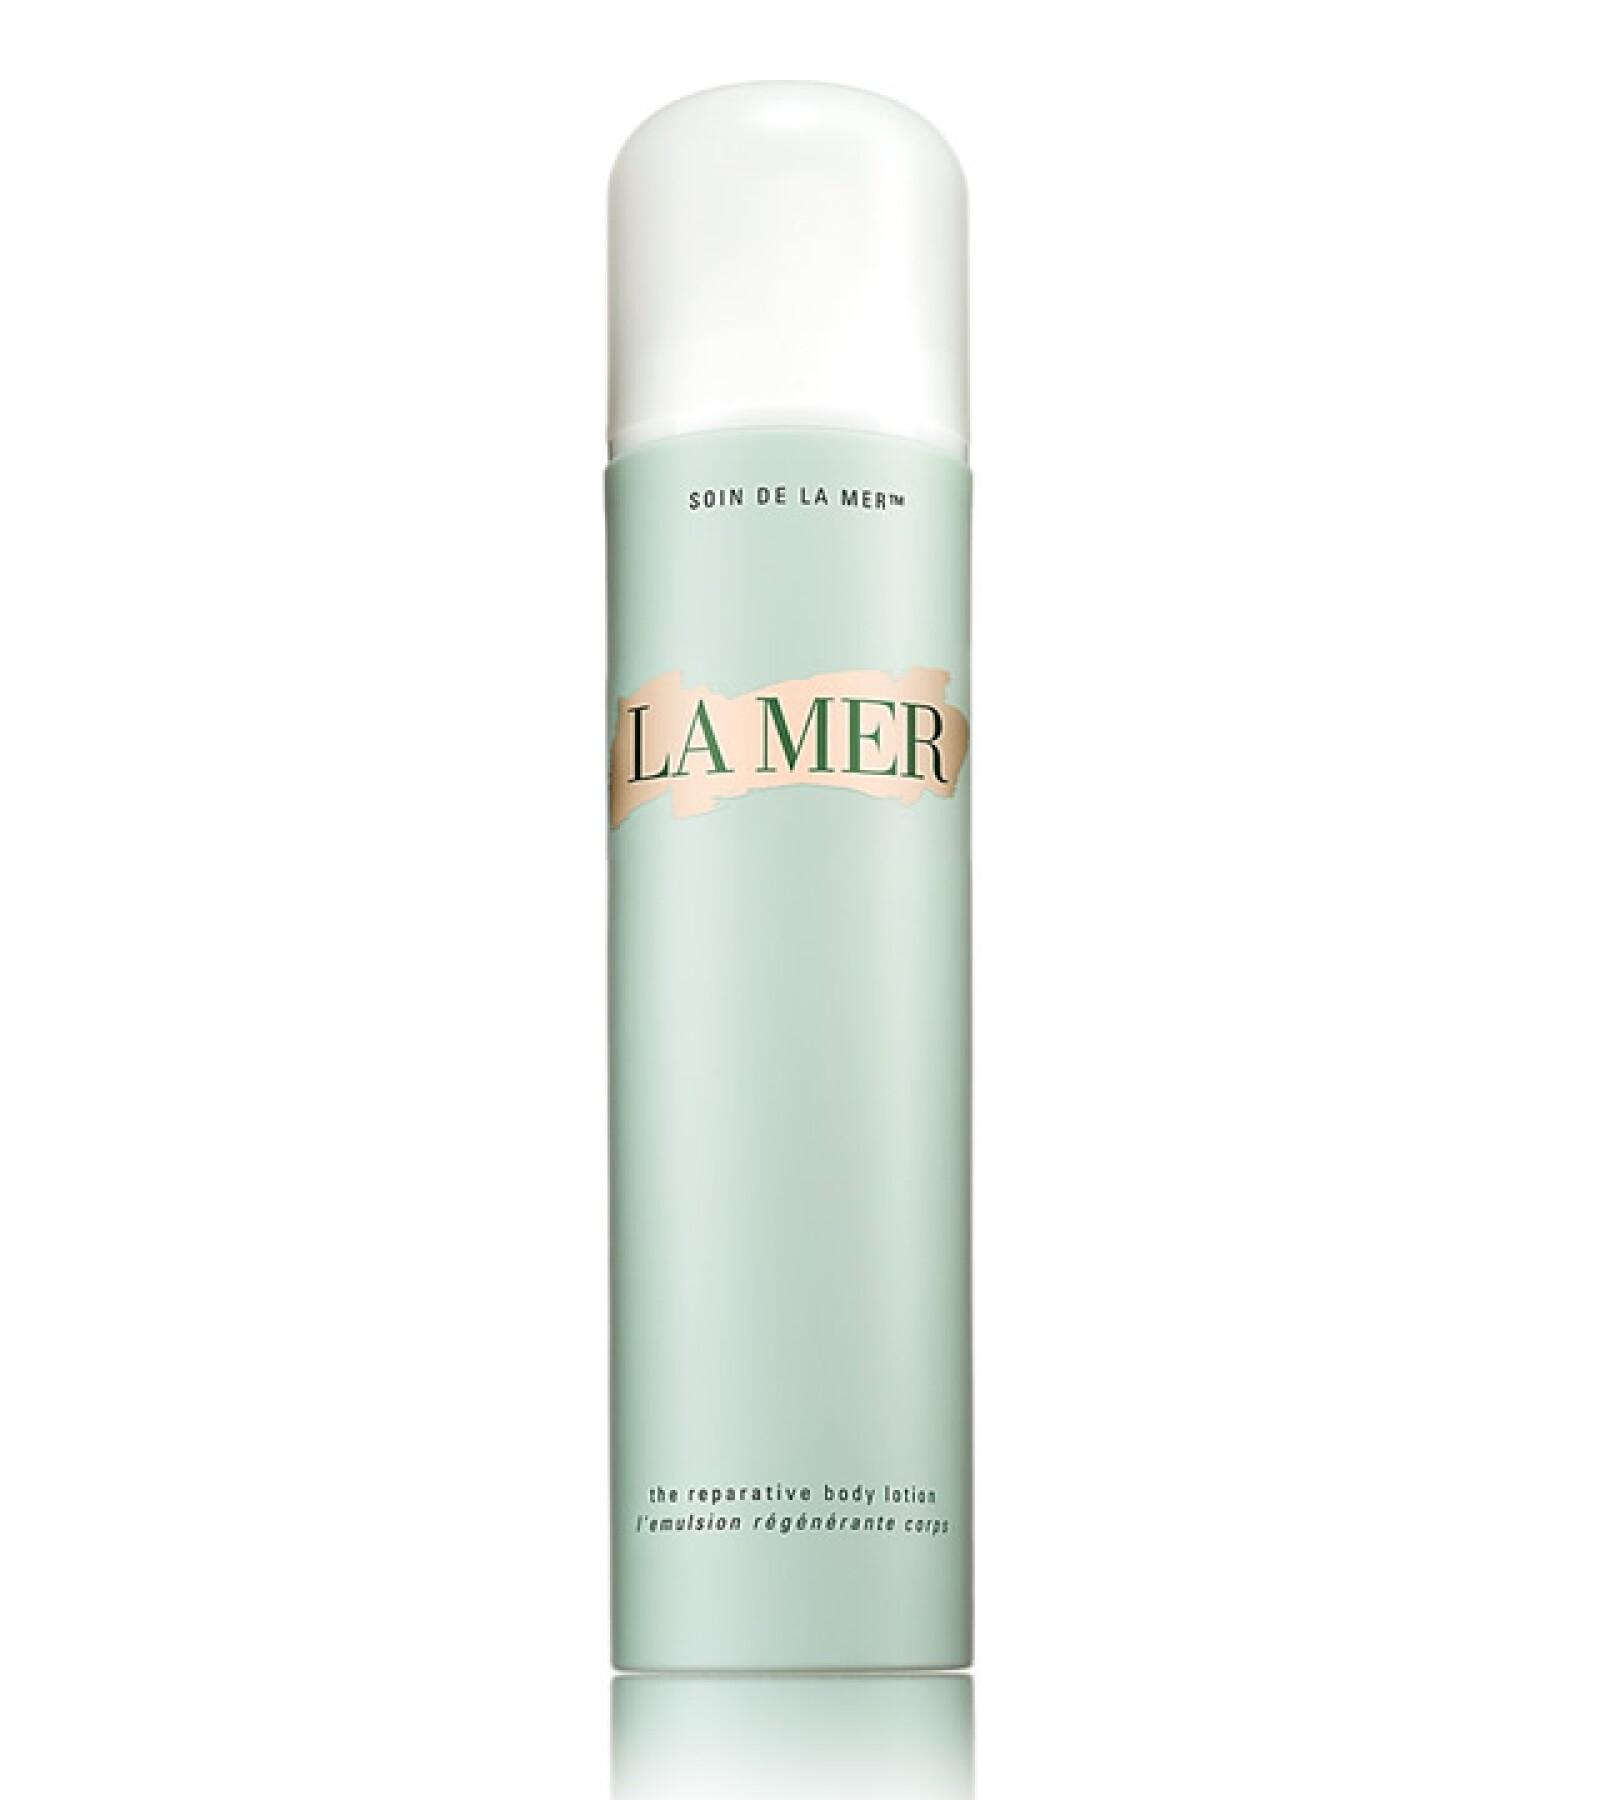 La Mer: The Reparative Body Lotion. 2,900 pesos. El Palacio de Hierro Santa Fe.